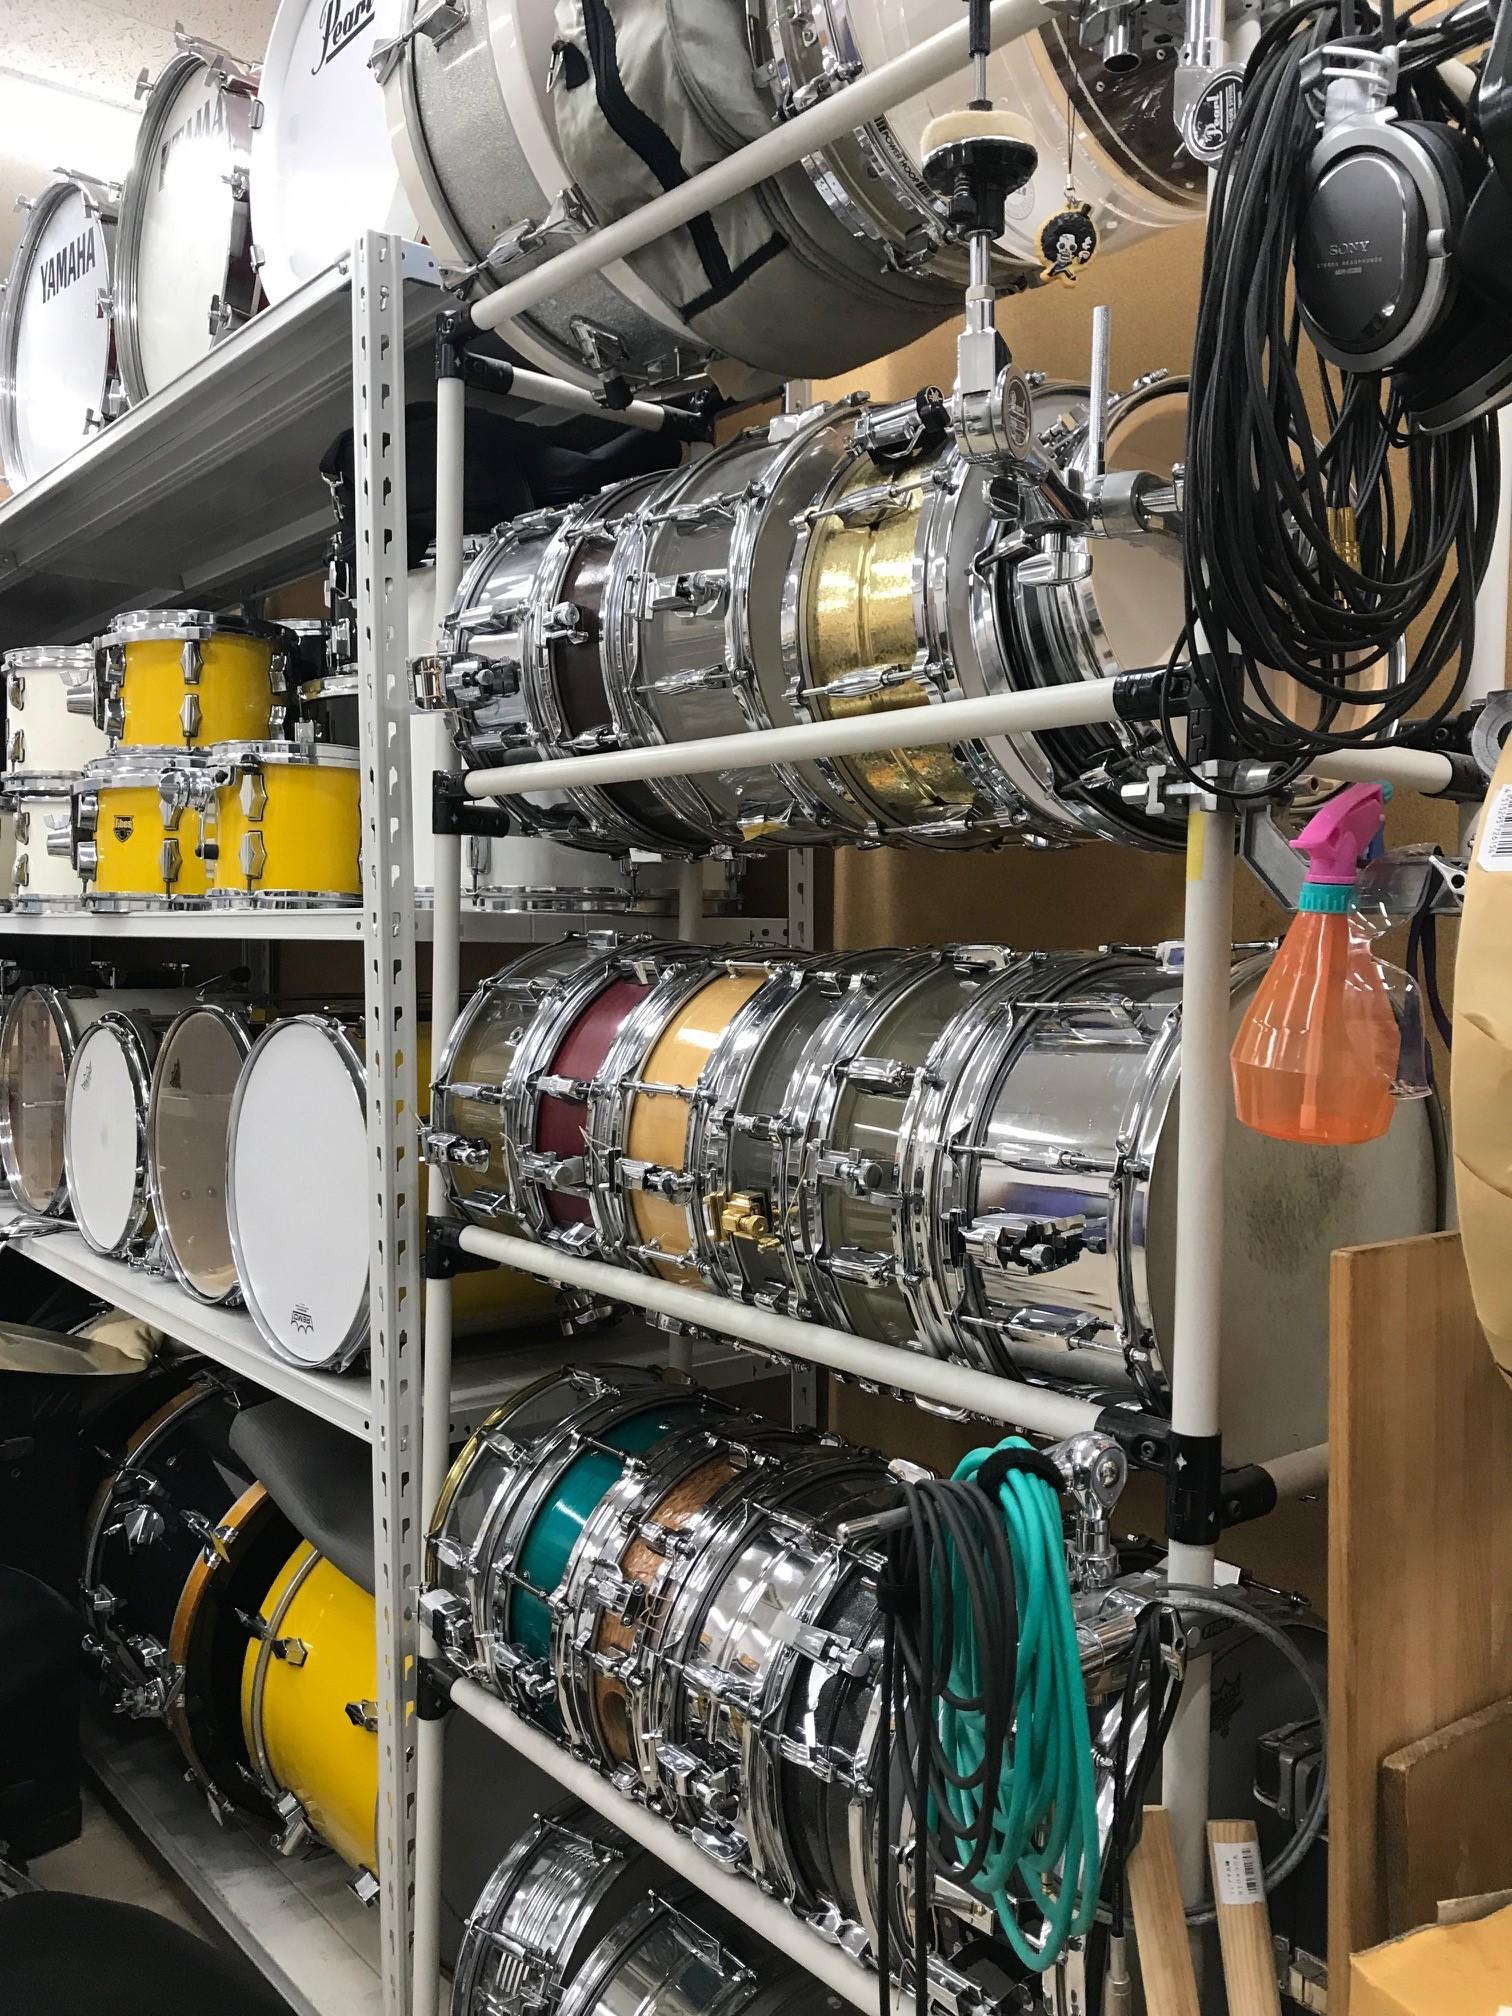 ドラムカスタム教室の一角。大量のスネアドラムが並べられています。